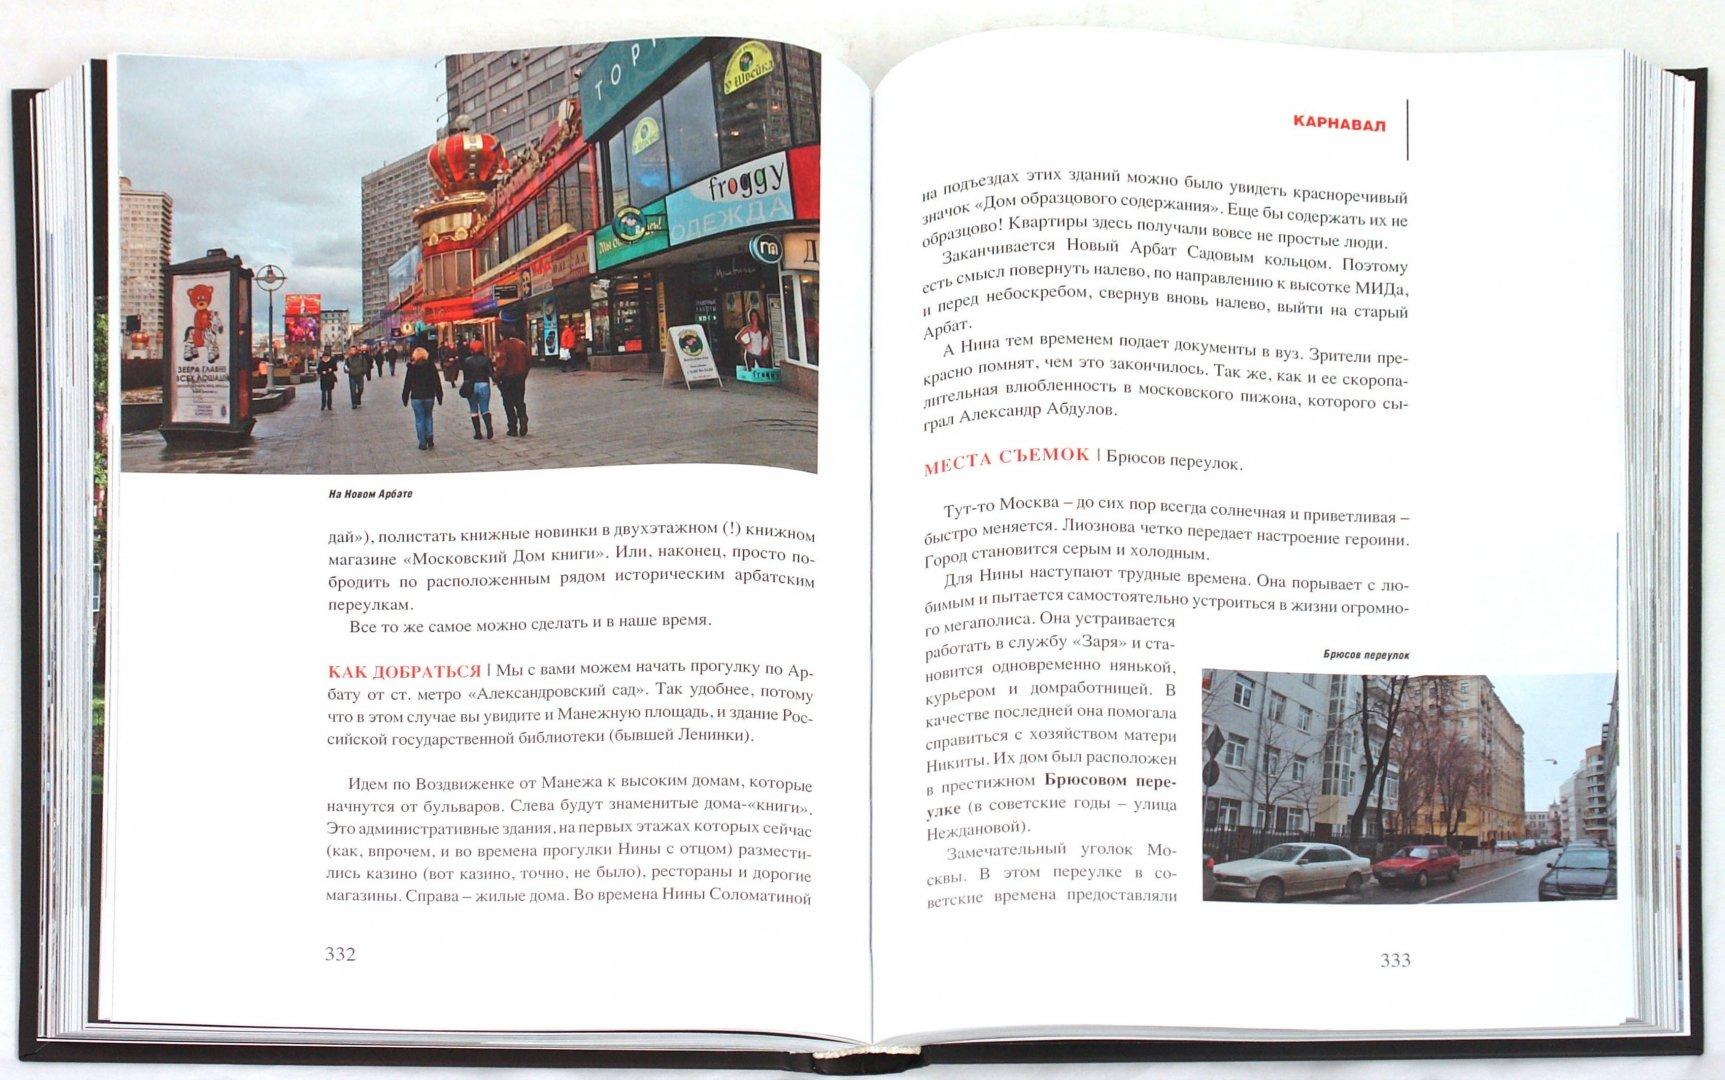 Иллюстрация 1 из 2 для Москва в кино: 100 удивительных мест и фактов из любимых фильмов - Олег Рассохин   Лабиринт - книги. Источник: Лабиринт